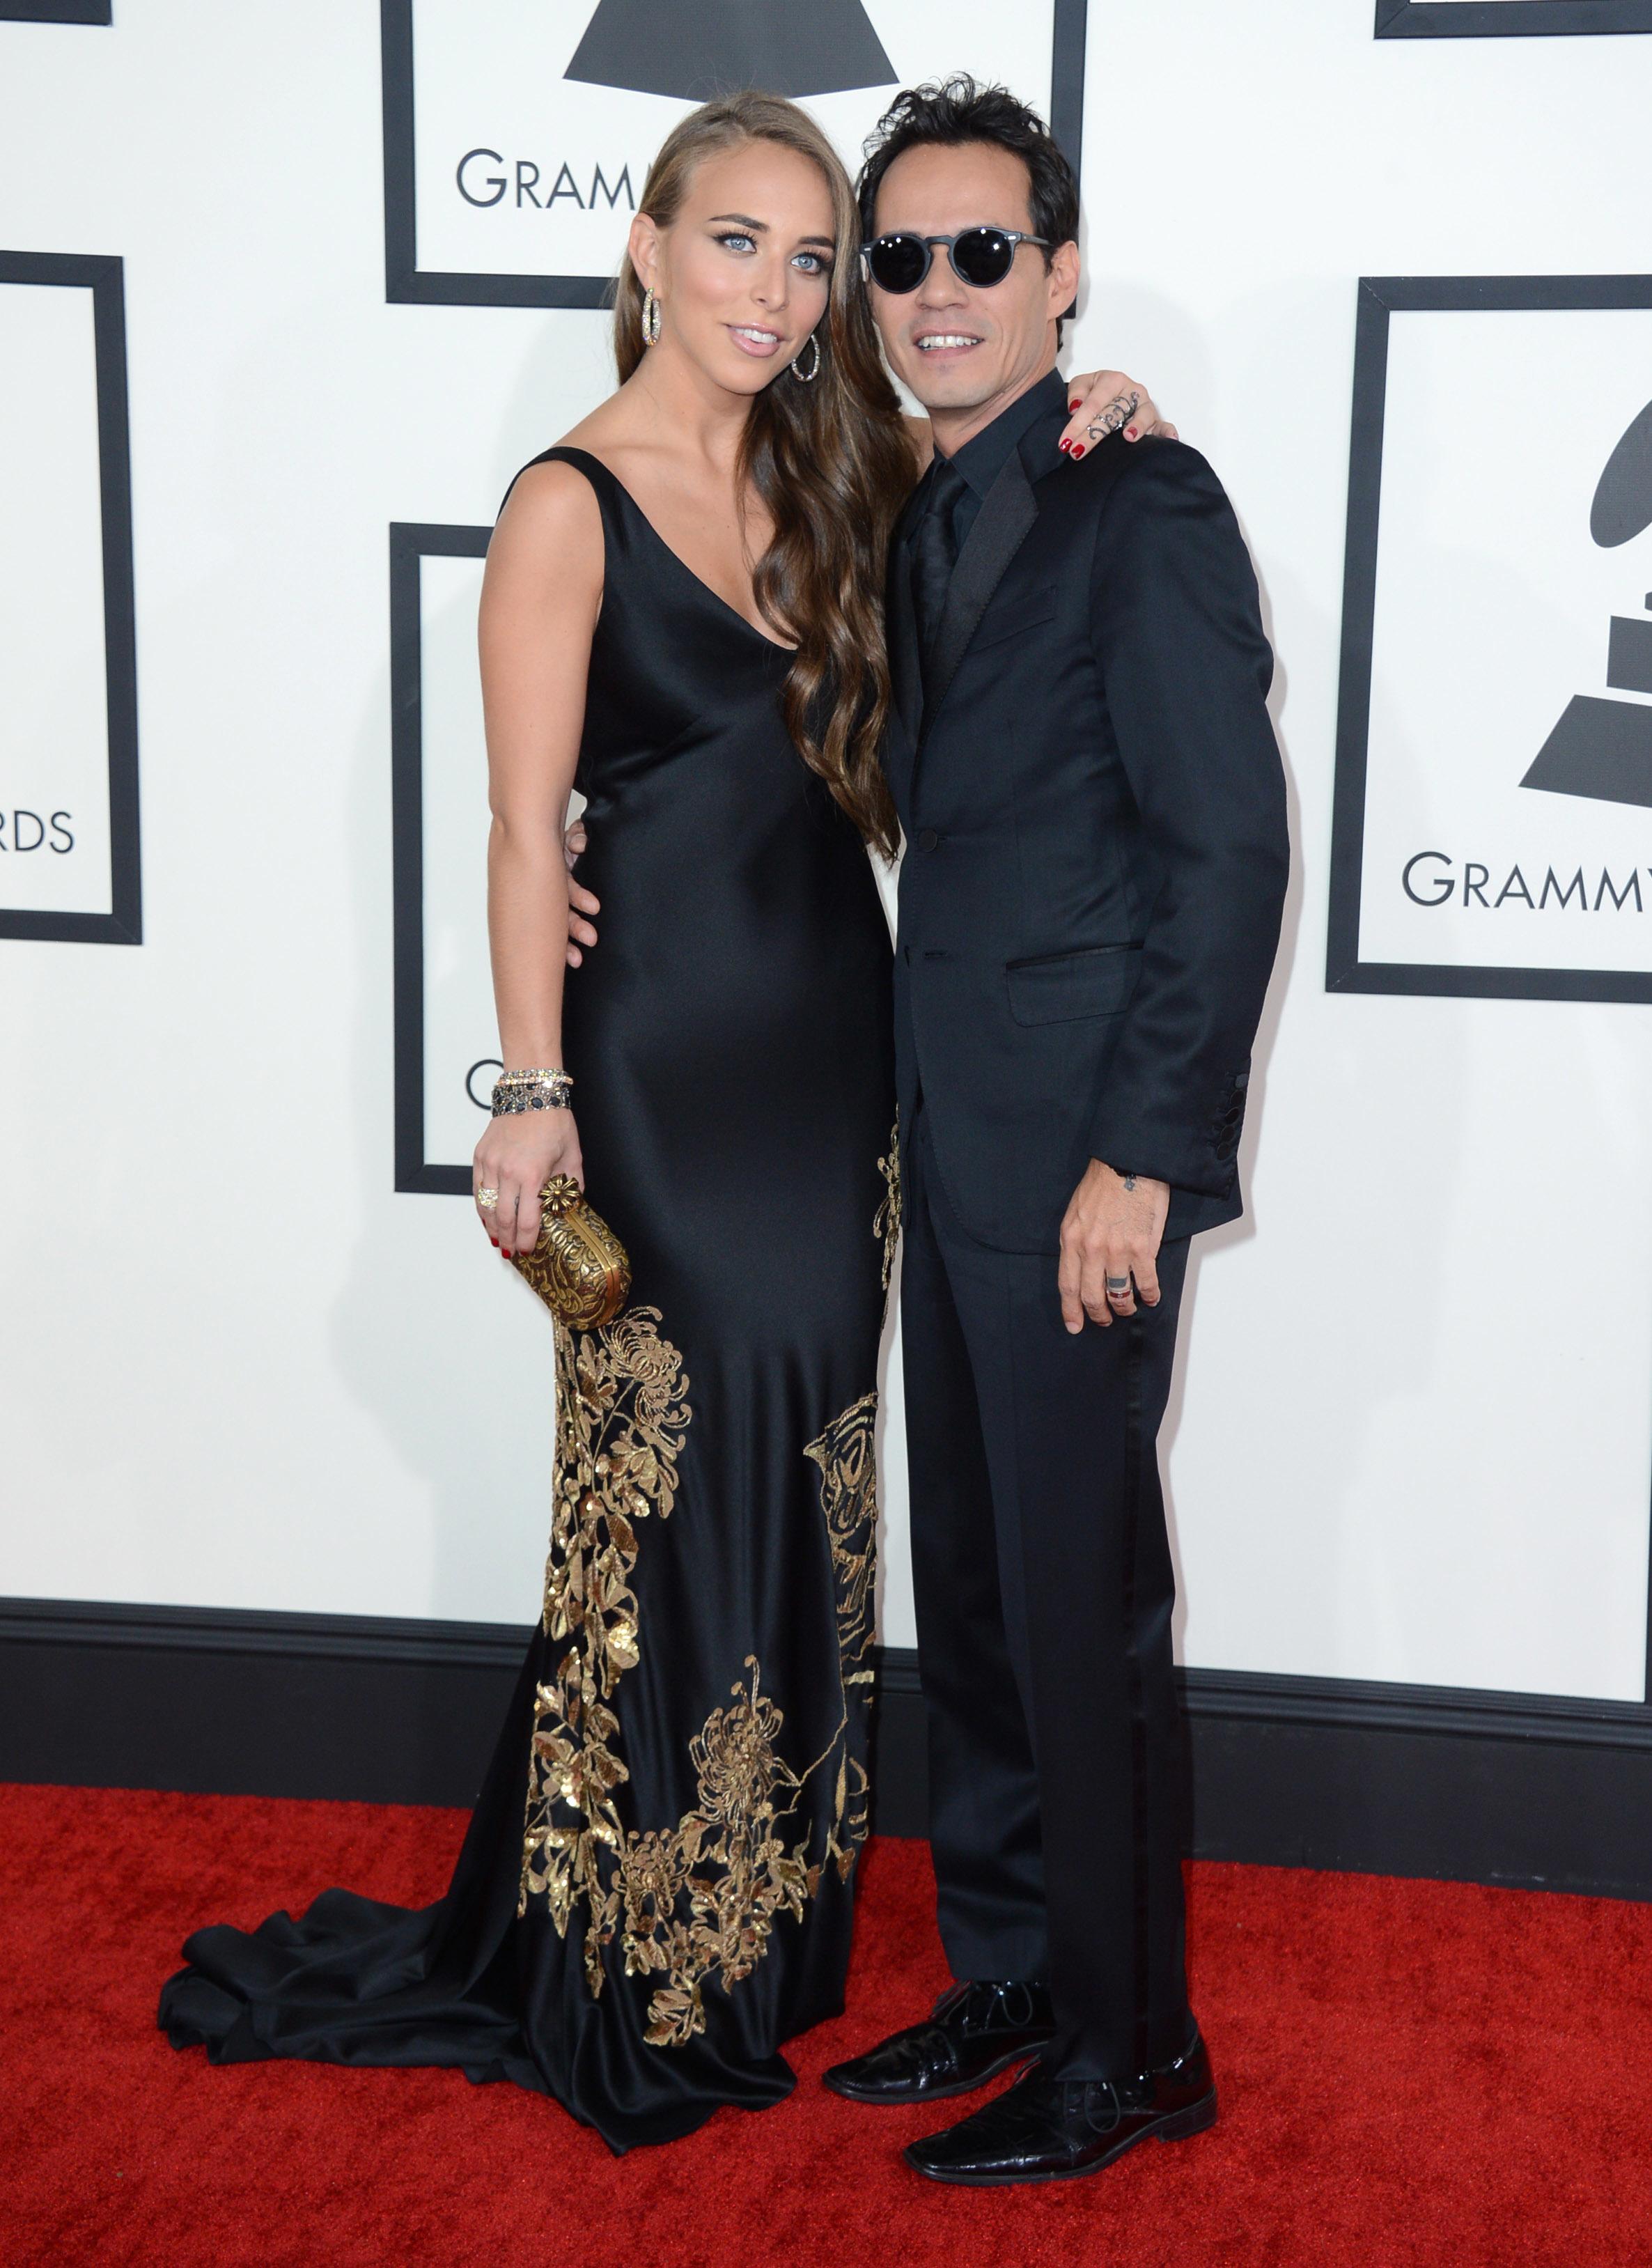 Marc Anthony Chloe Green Grammys 2014